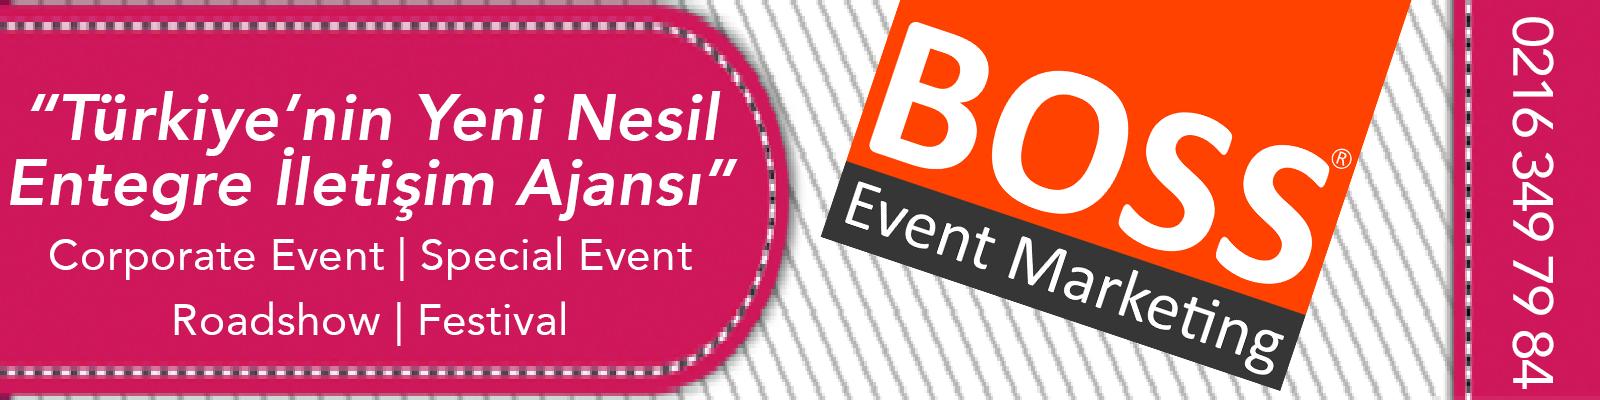 Boss Event Marketing banner fotograf